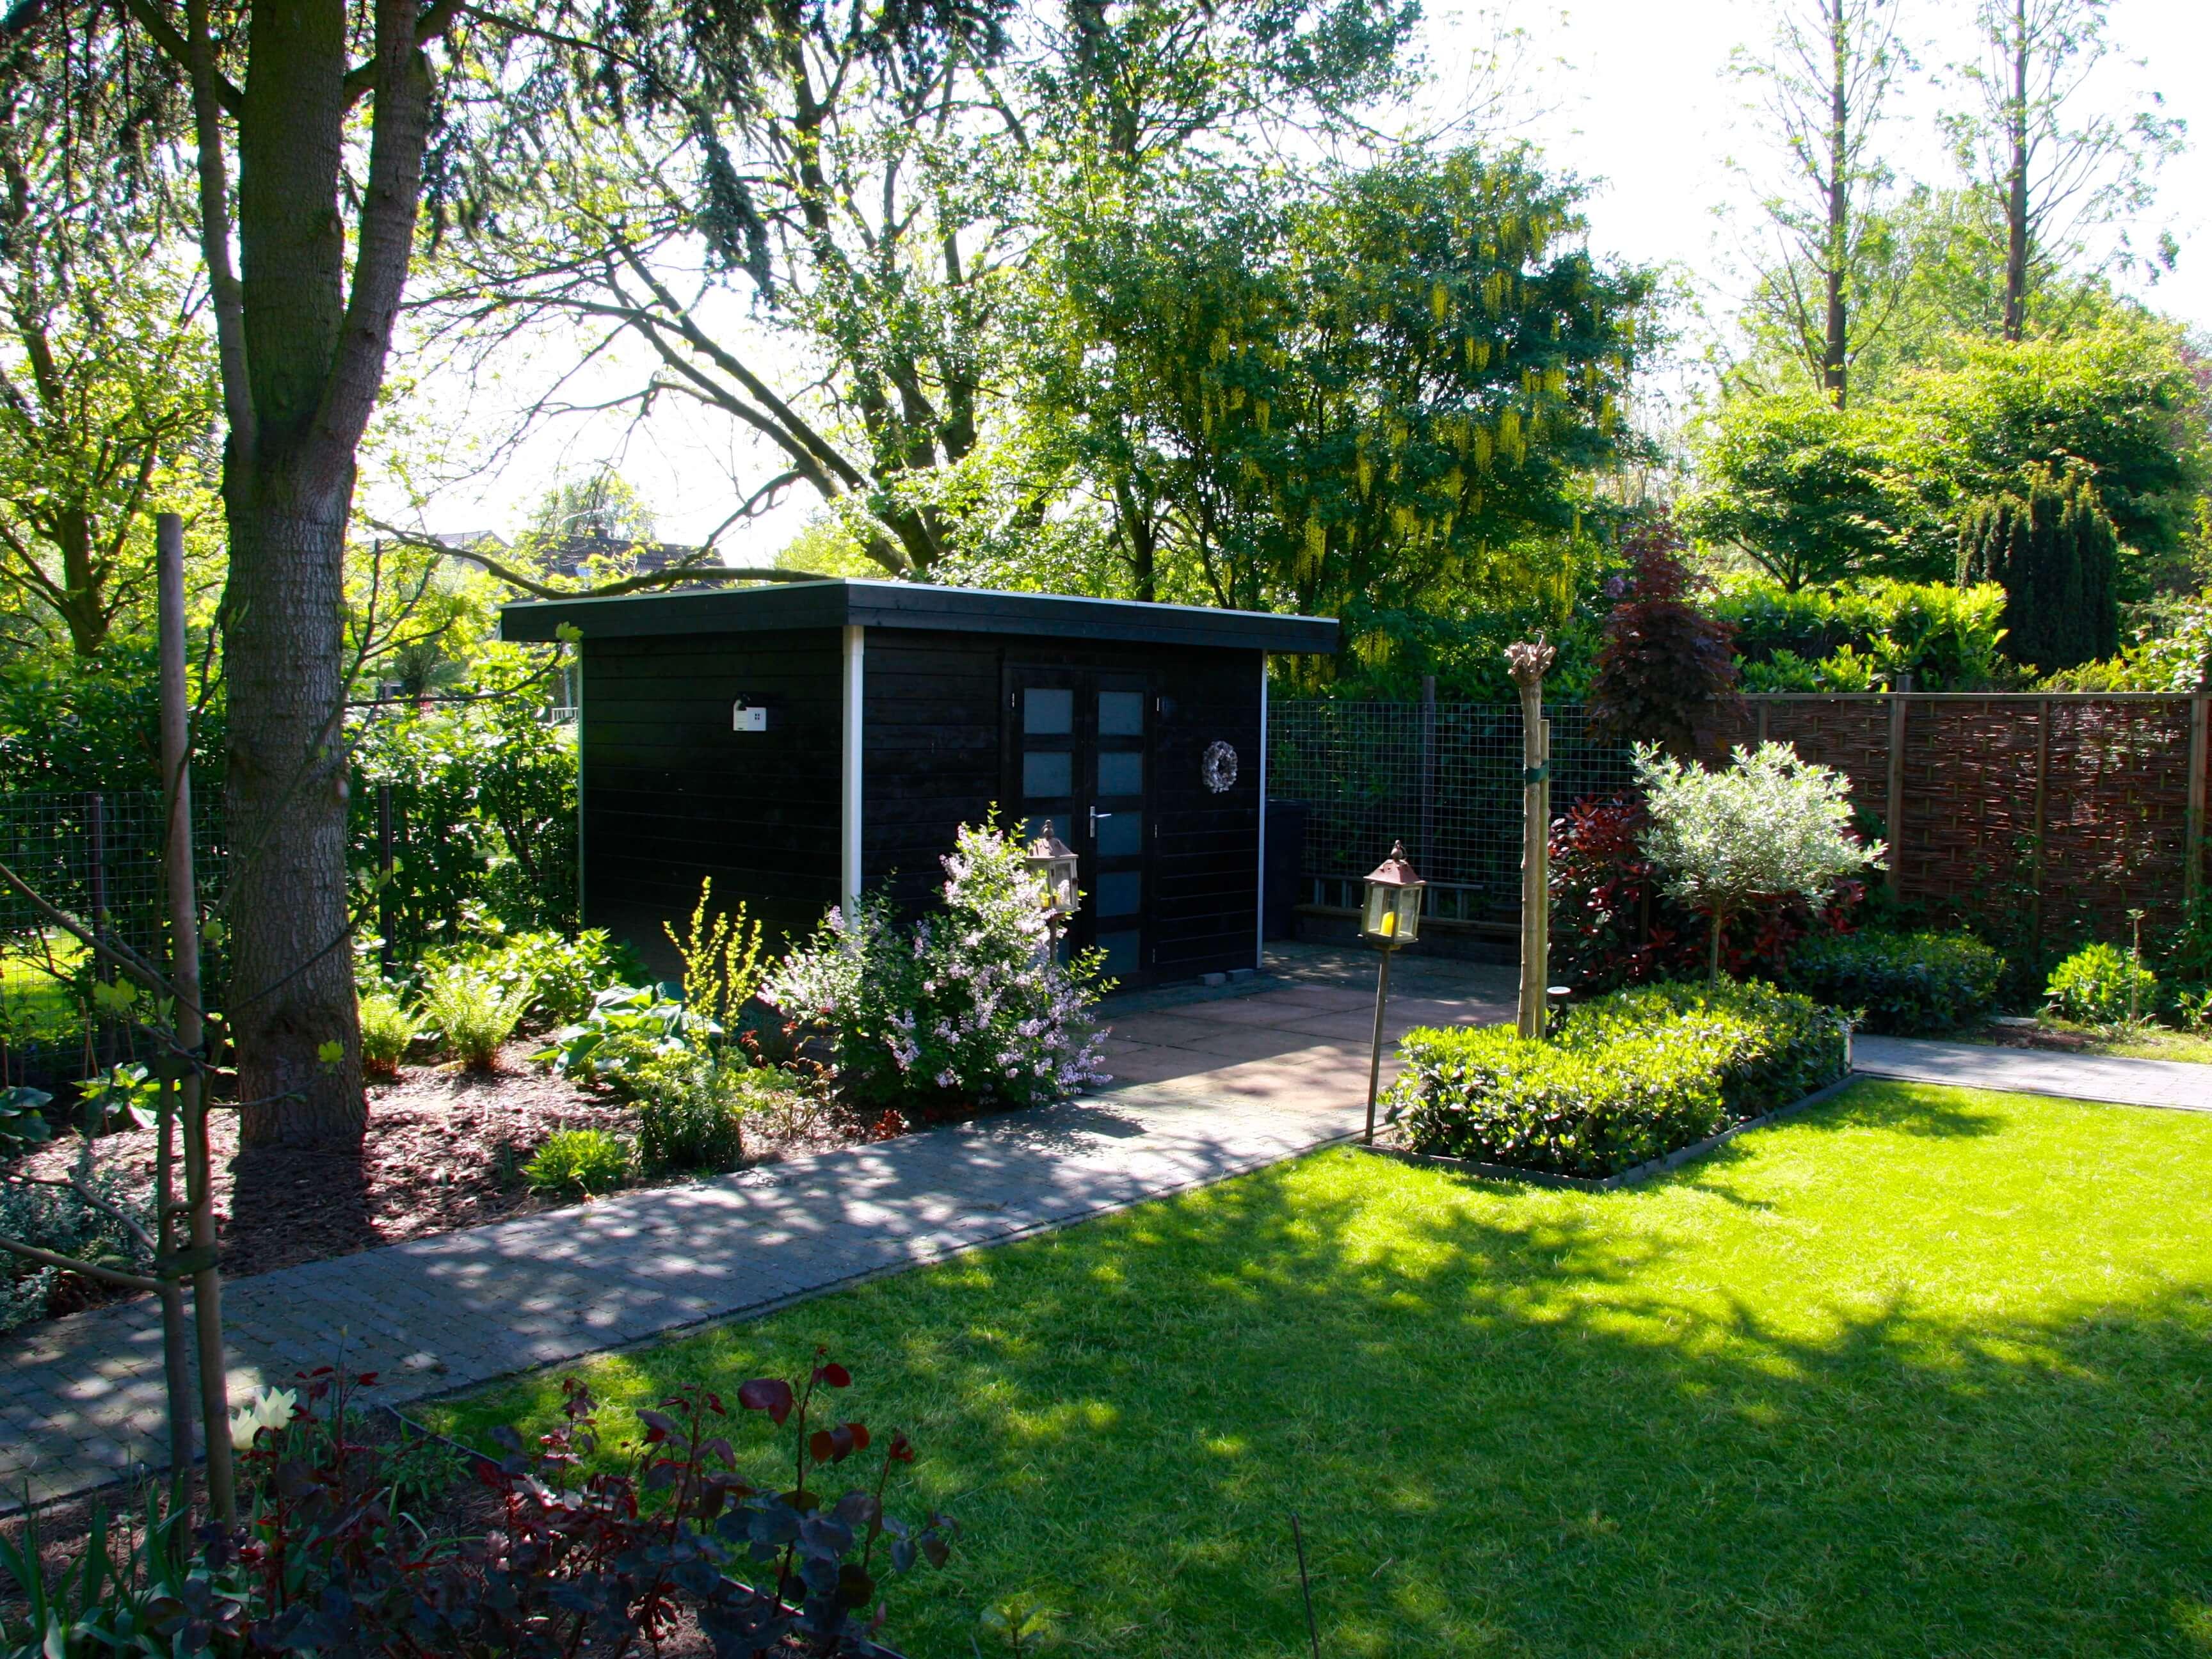 Geliefde kleine tuin voorbeelden Archives - TuinCursus #NZ68